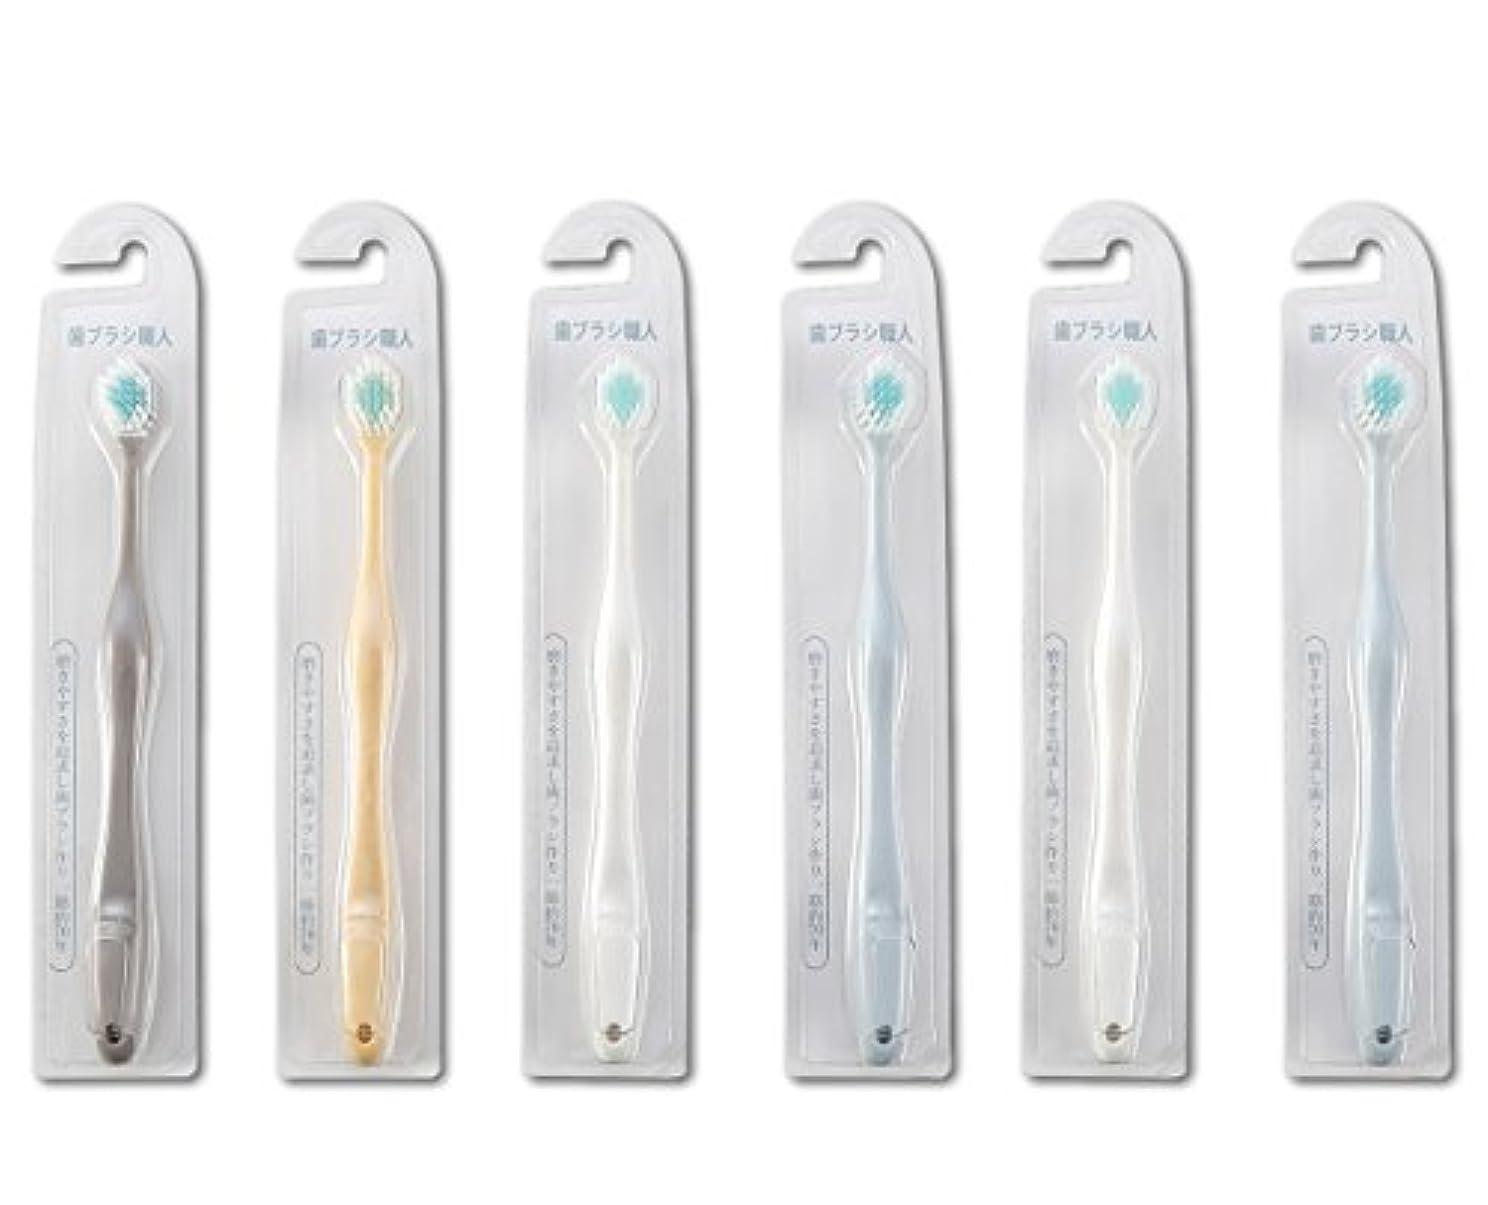 コンクリート避けるお肉歯ブラシ職人Artooth ® 田辺重吉 磨きやすい歯ブラシ ワイド 6列レギュラー AT-30 (6本組)